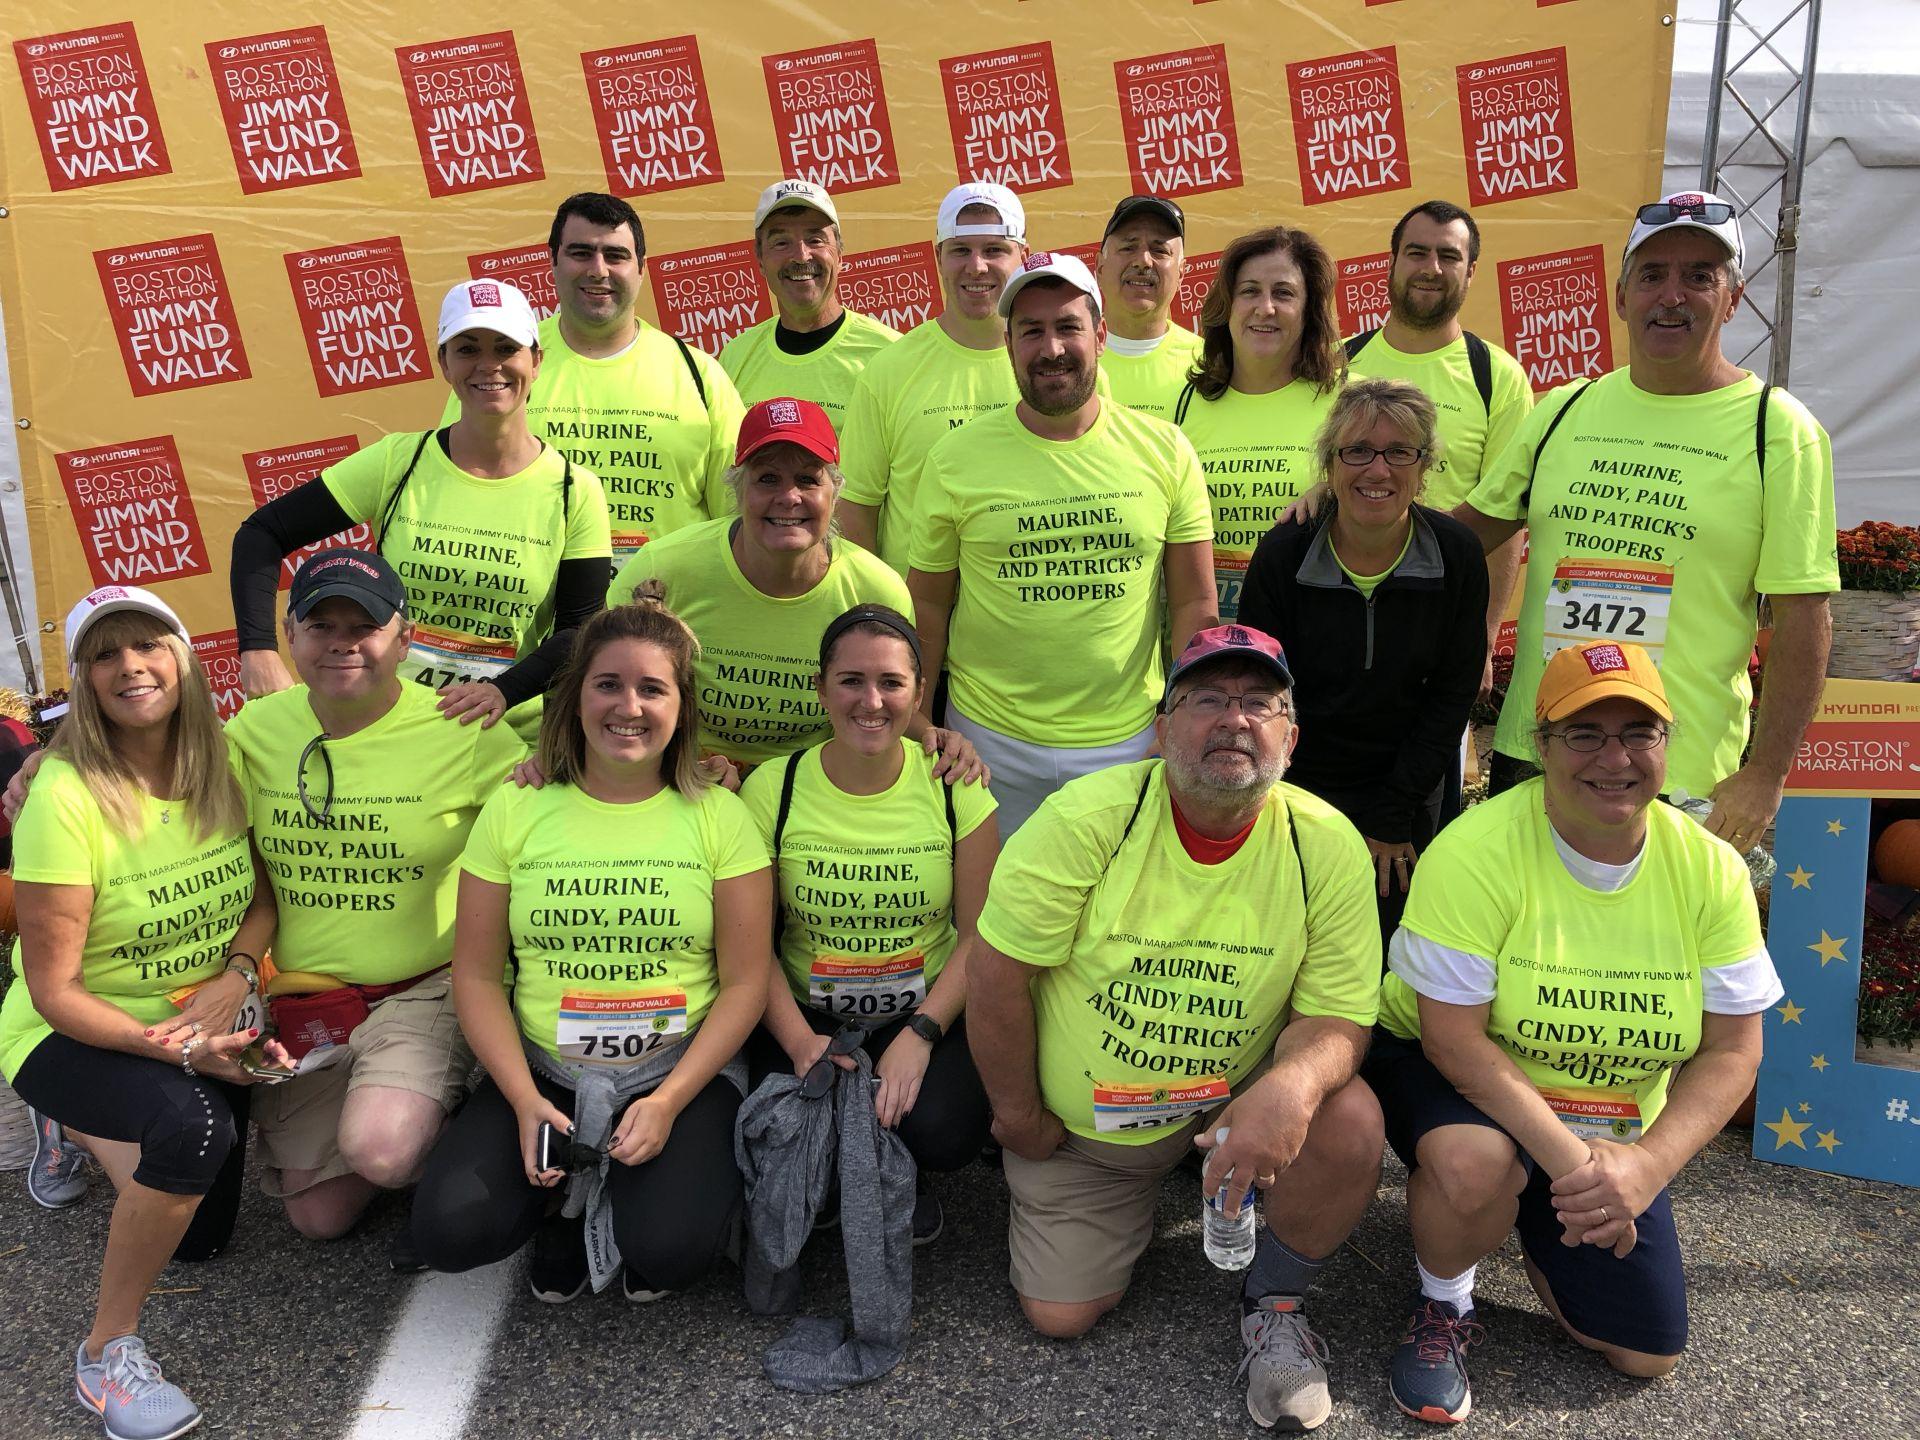 2018 Boston Marathon Jimmy Fund Walk